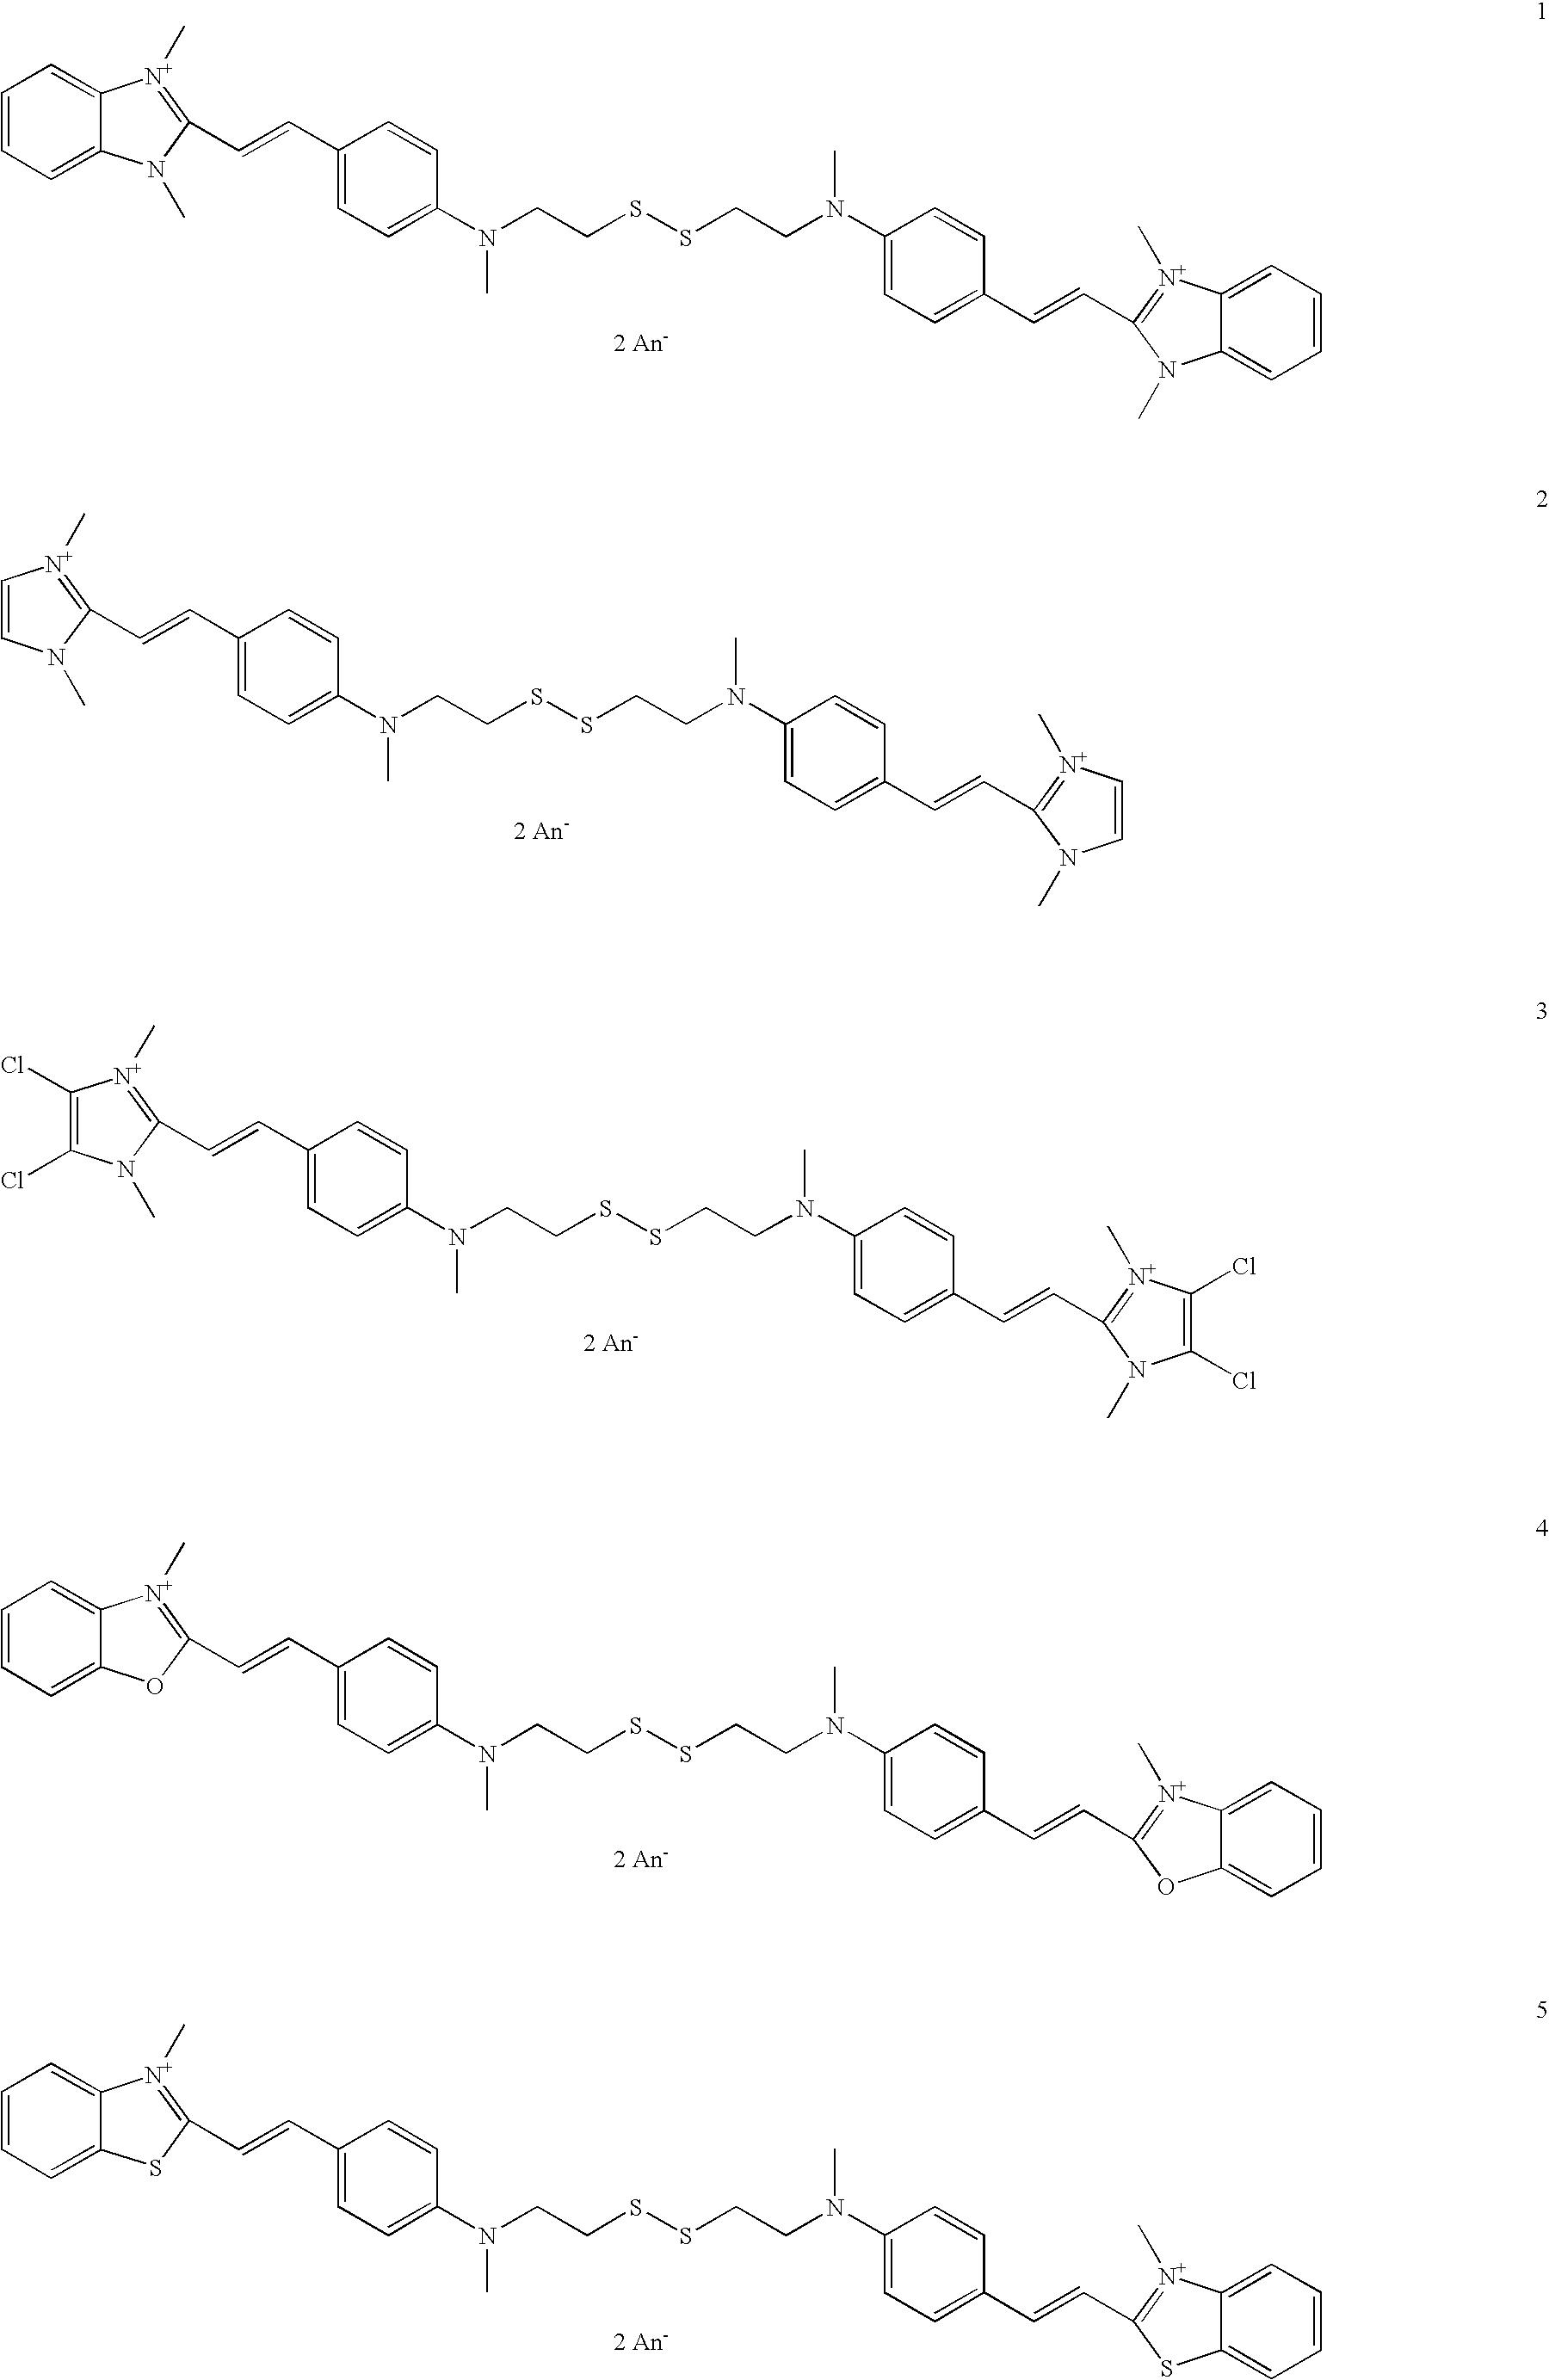 Figure US20090211038A1-20090827-C00009